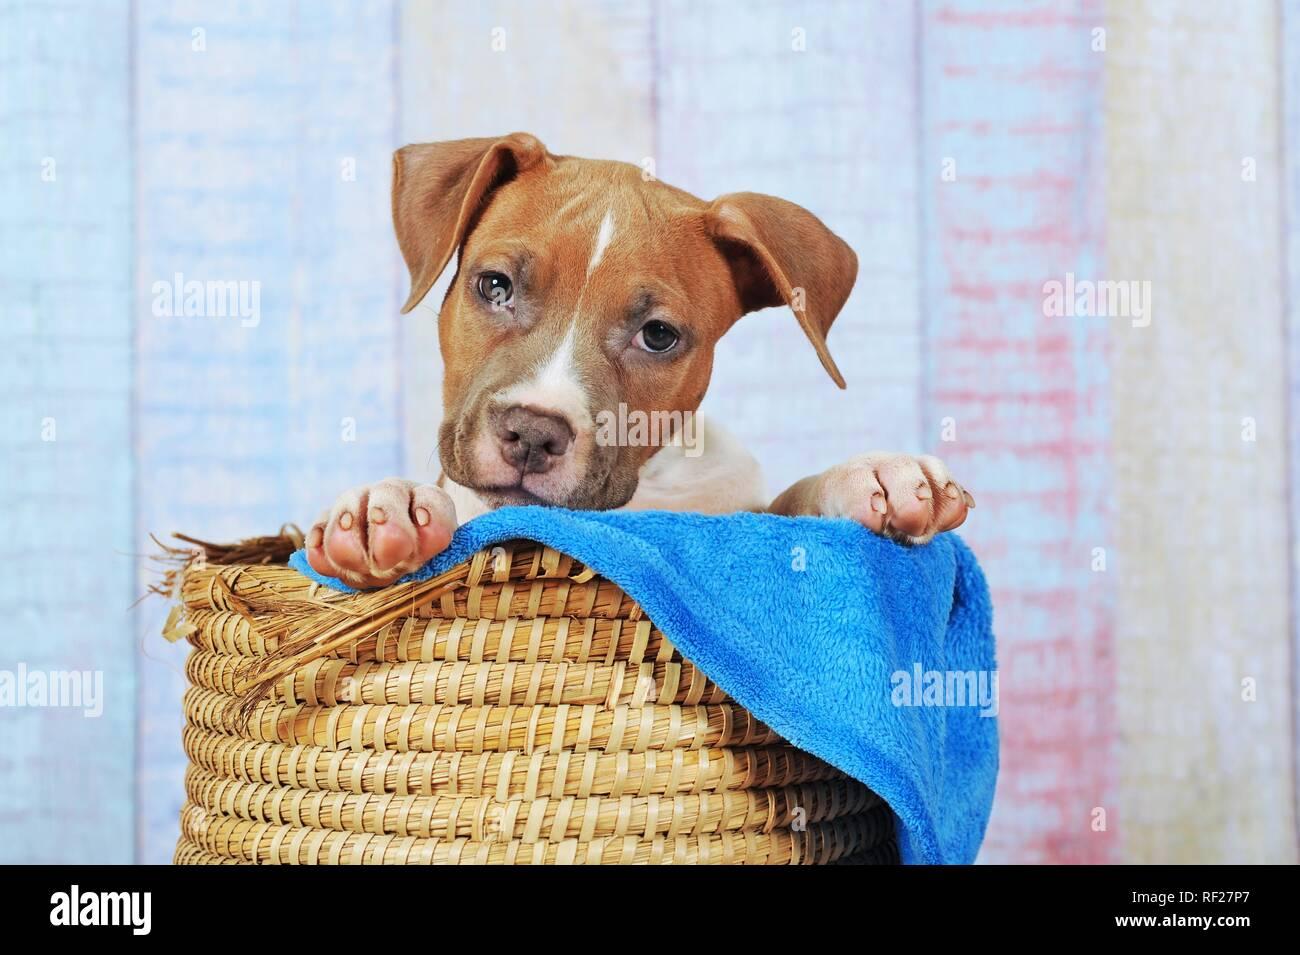 American Staffordshire Terrier, chiot de 11 semaines, rouge blanc, assis dans le panier, Autriche Banque D'Images